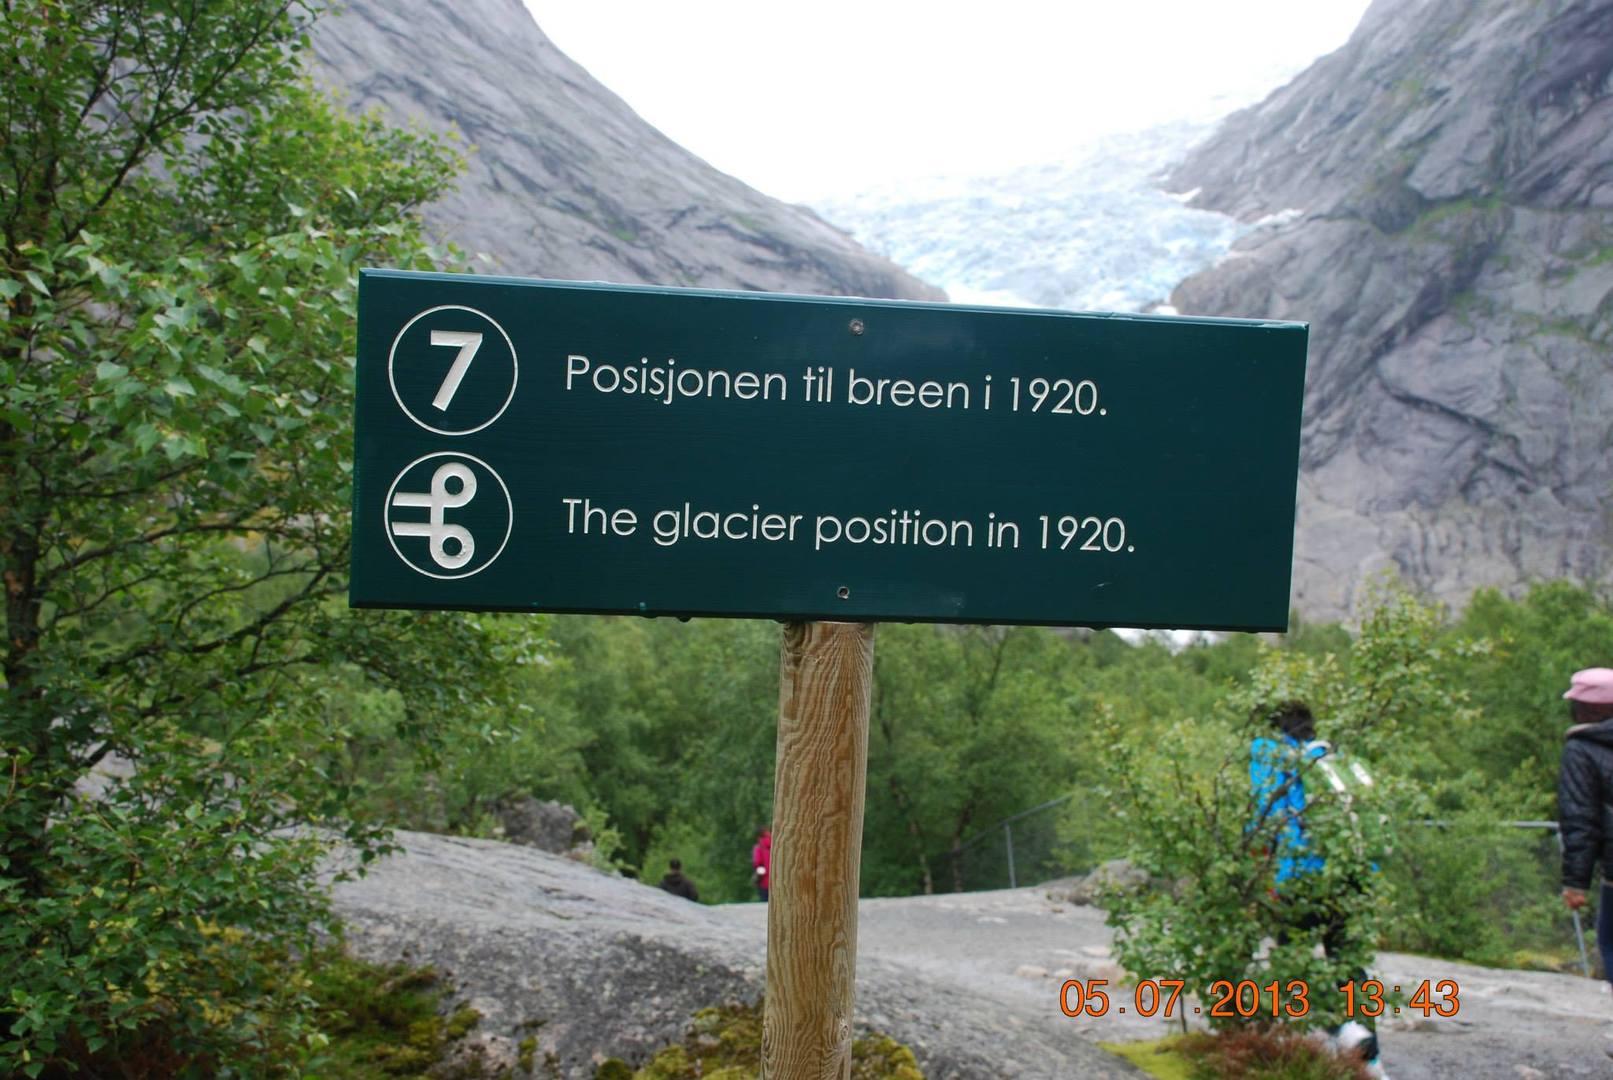 השלט שמראה עד להיכן הגיע הקרחון בשנת 1920